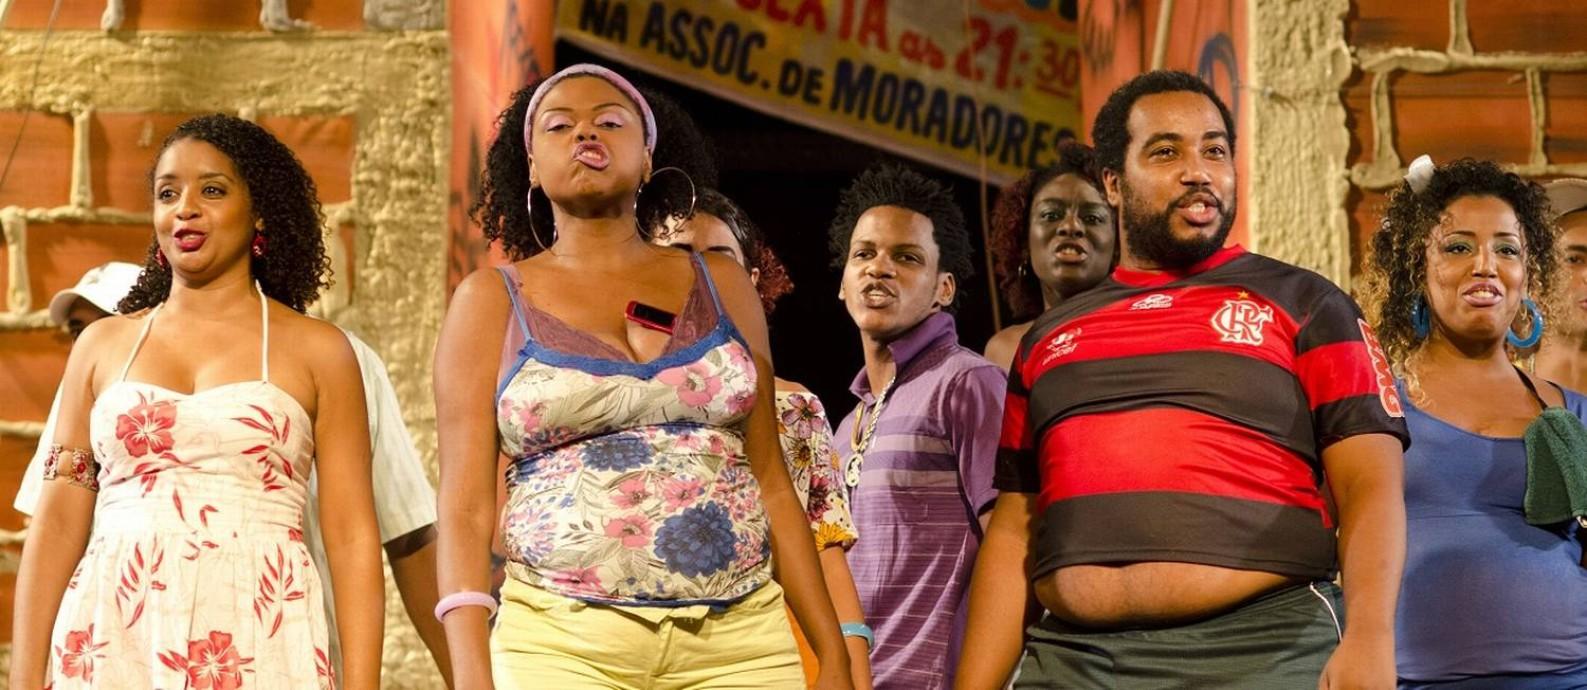 O elenco do espetáculo 'Favela', que se repete em 'Favela 2 - a gente não desiste' Foto: Divulgação/Fernanda Sabença / Divulgação/Fernanda Sabença